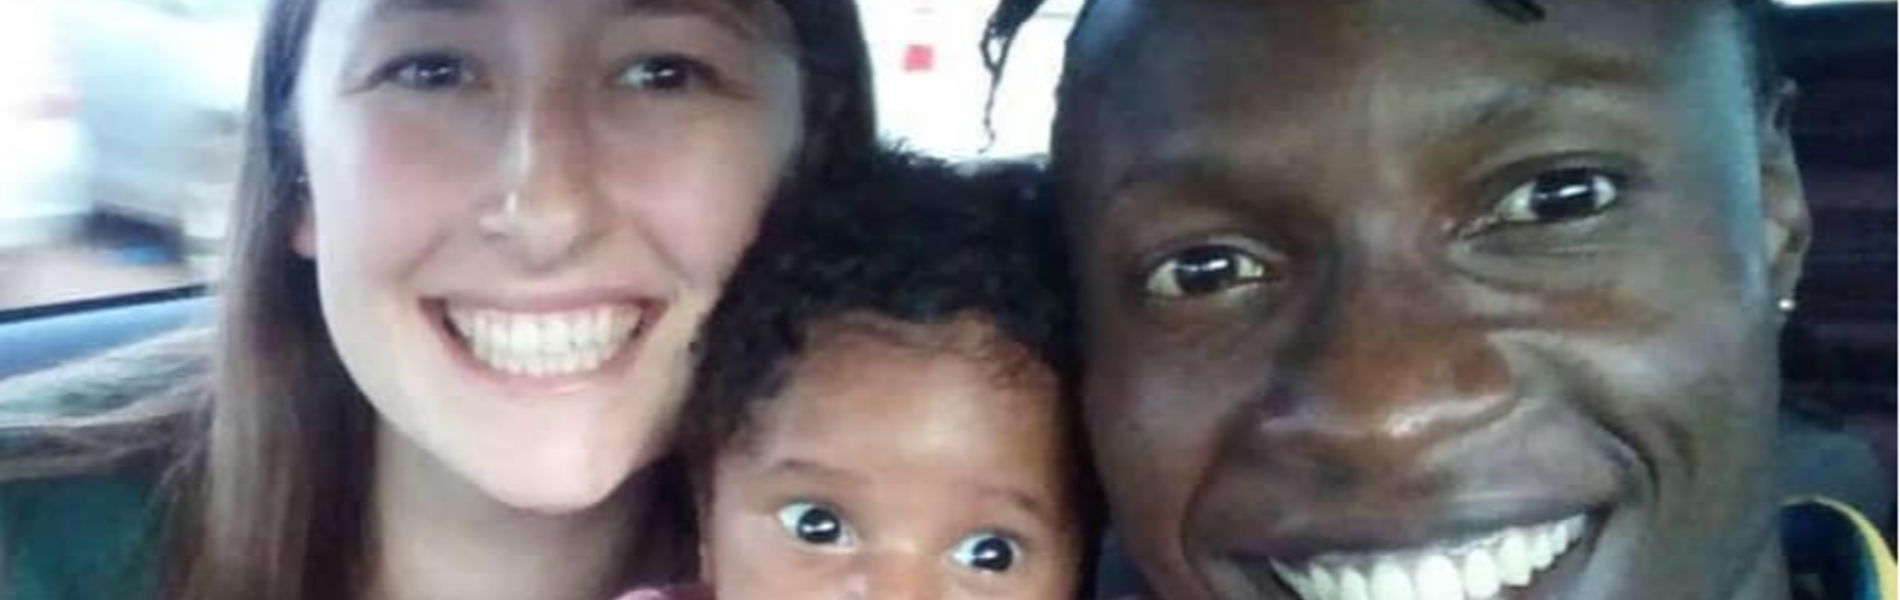 """נסעה להתנדב באוגנדה והתאהבה: """"זו בדיוק האווירה שאני רוצה שהבת שלי תגדל בה"""""""